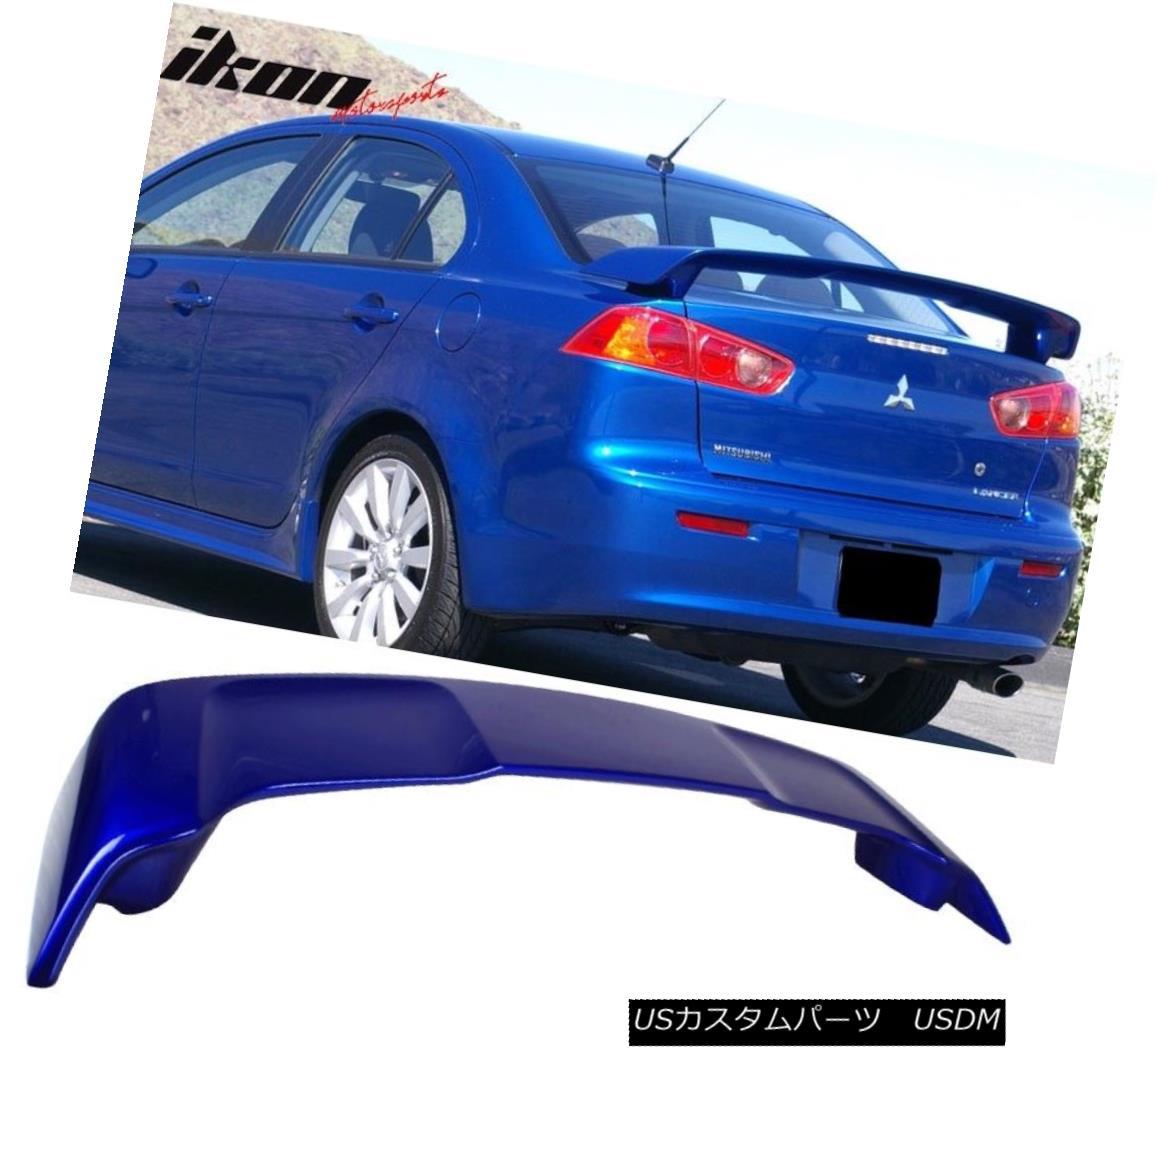 エアロパーツ 08-17 Mitsubishi Lancer OE Style Trunk Spoiler Painted #T70 Electric Blue Pearl 08-17三菱ランサーOEスタイルトランク・スポイラー#T70エレクトリック・ブルー・パール